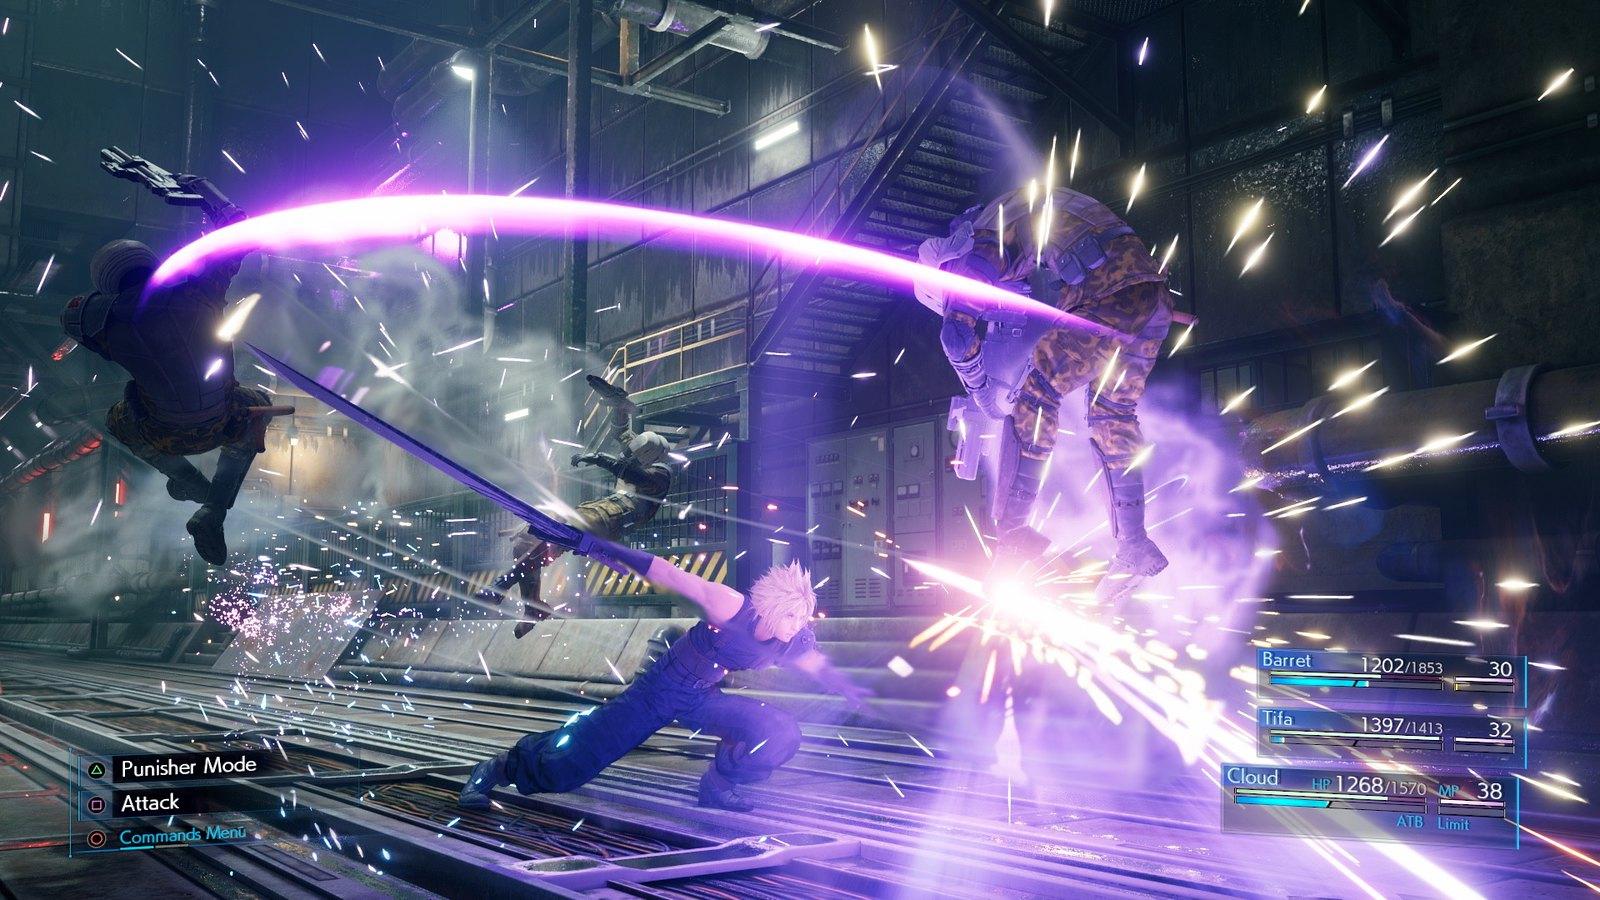 49118747543 1ff806e11f h - Die begehrtesten PlayStation-Spiele im Frühjahr 2020